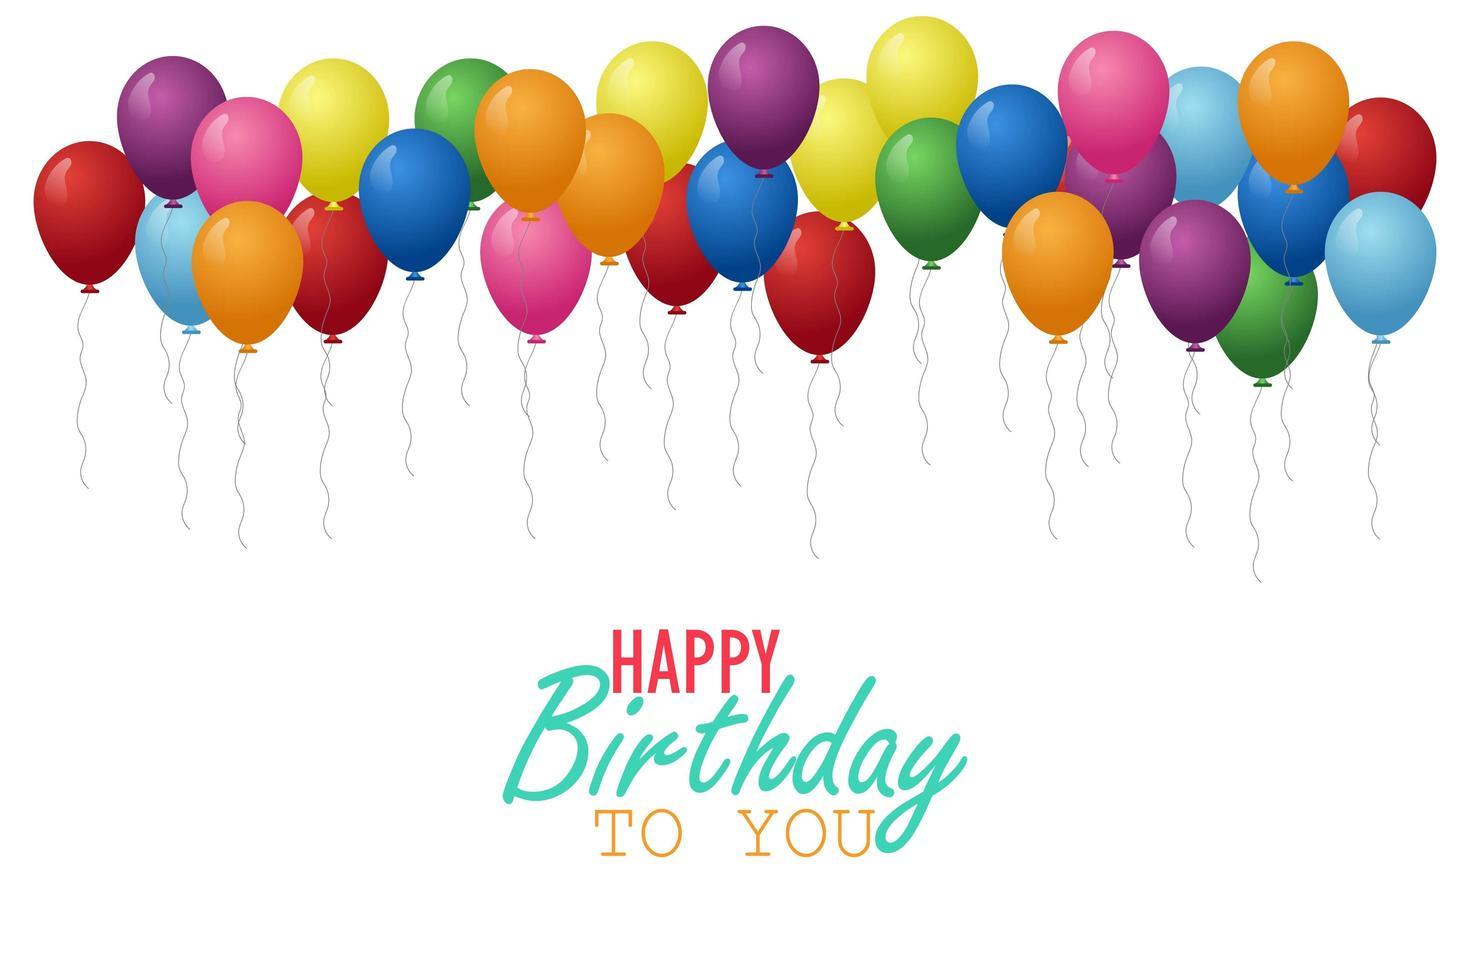 alguns balões coloridos de aniversário vetor